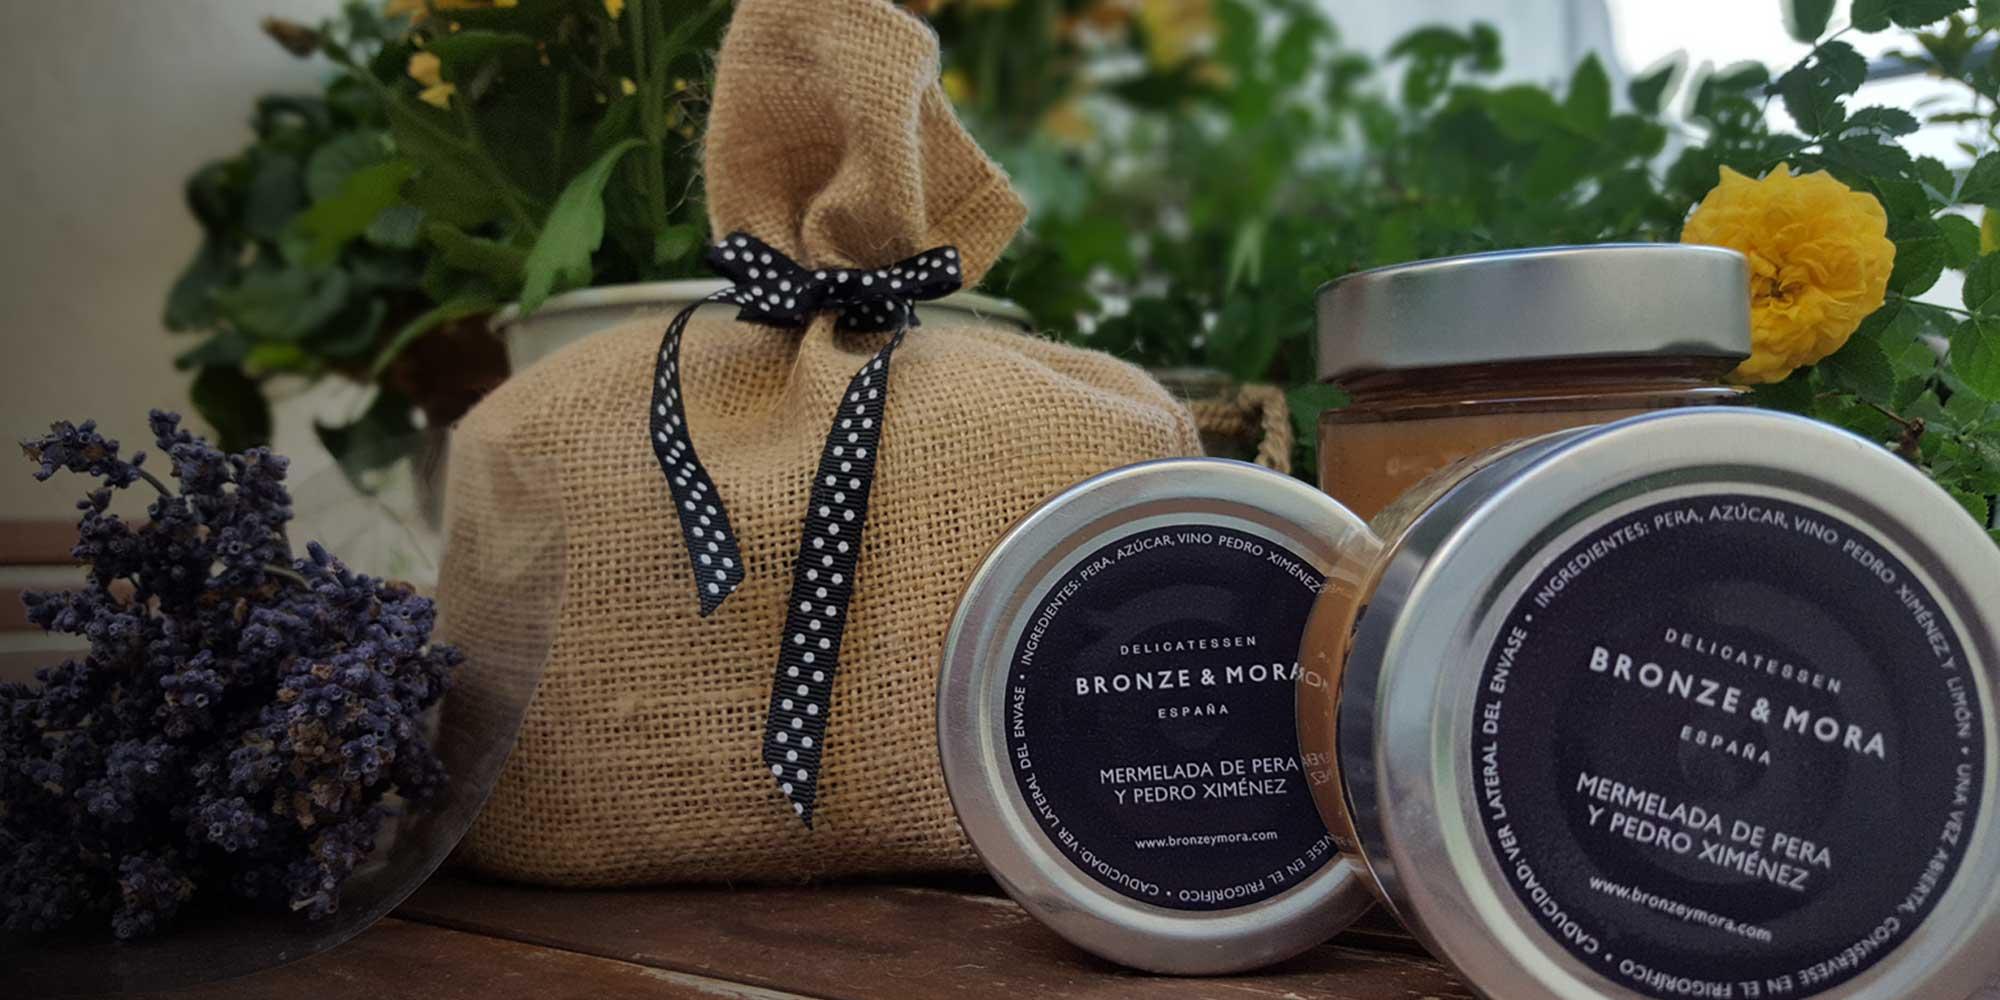 Mermelada y queso Bronze & Mora regalo gourmet aceite para regalar oleoteca Madrid